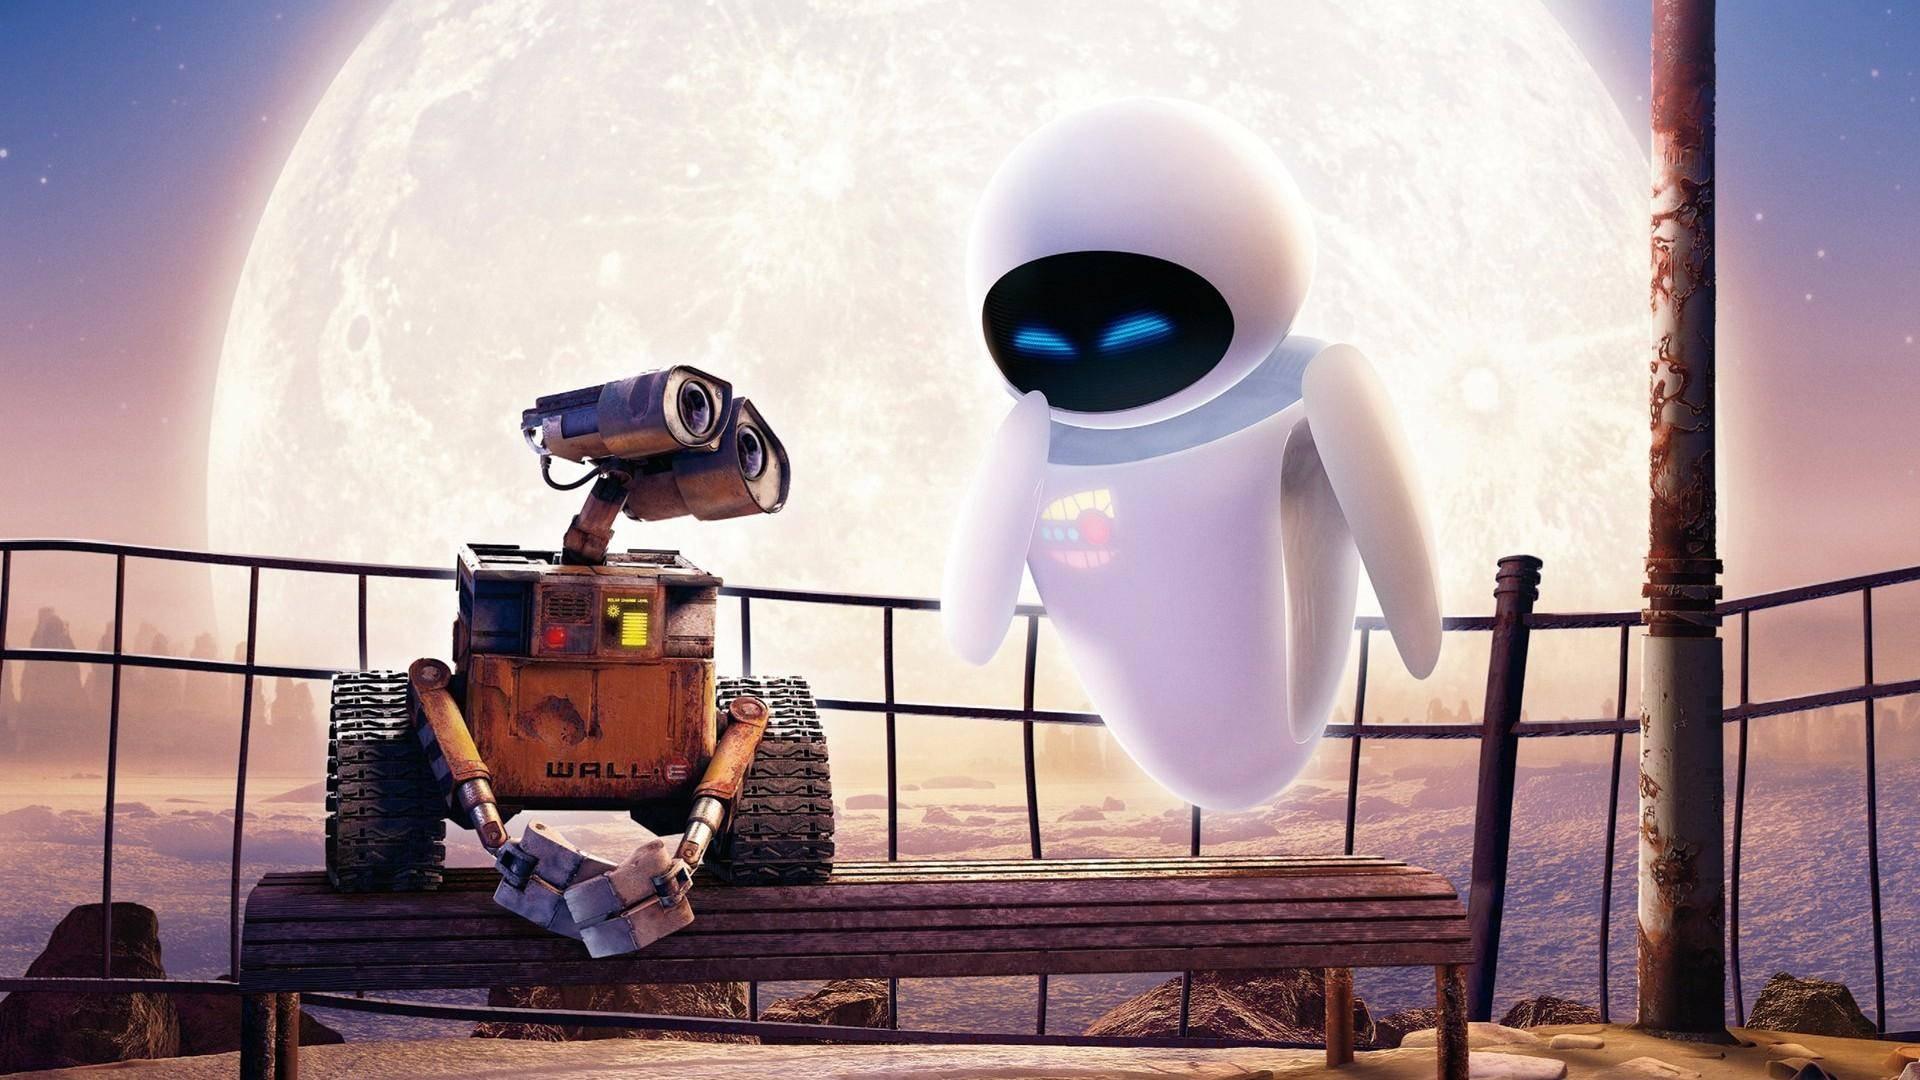 继科沃斯、石头科技后,他如何成为扫地机器人行业破局者?